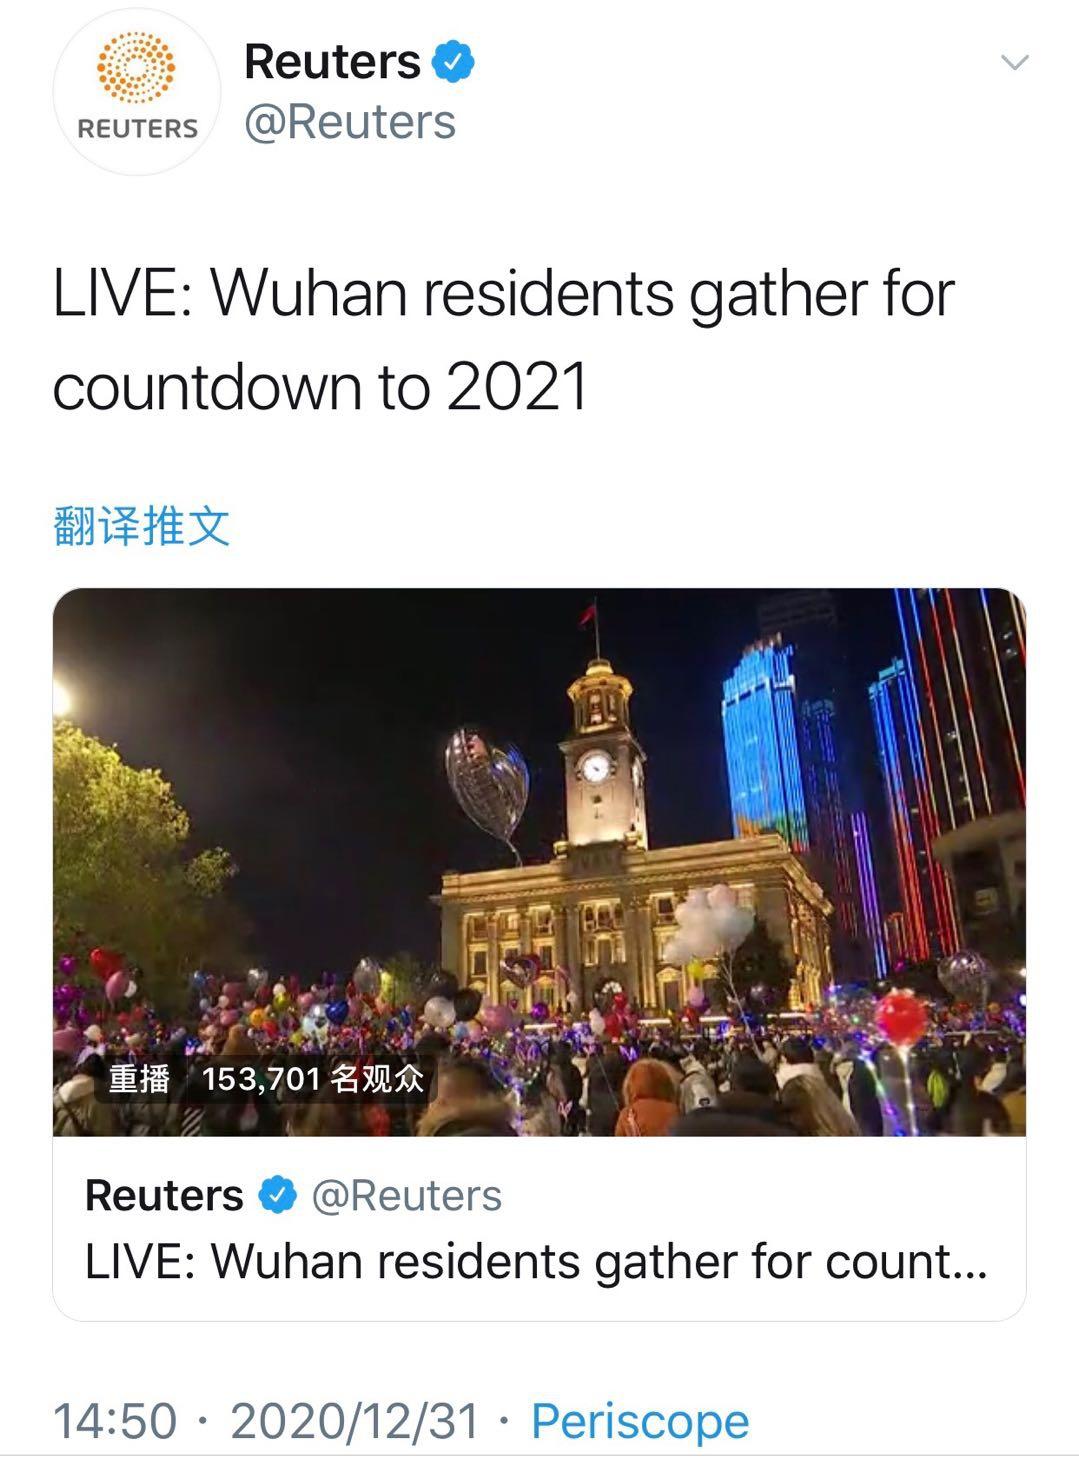 武汉跨年活动热闹场景引发众多国外网友羡慕图片